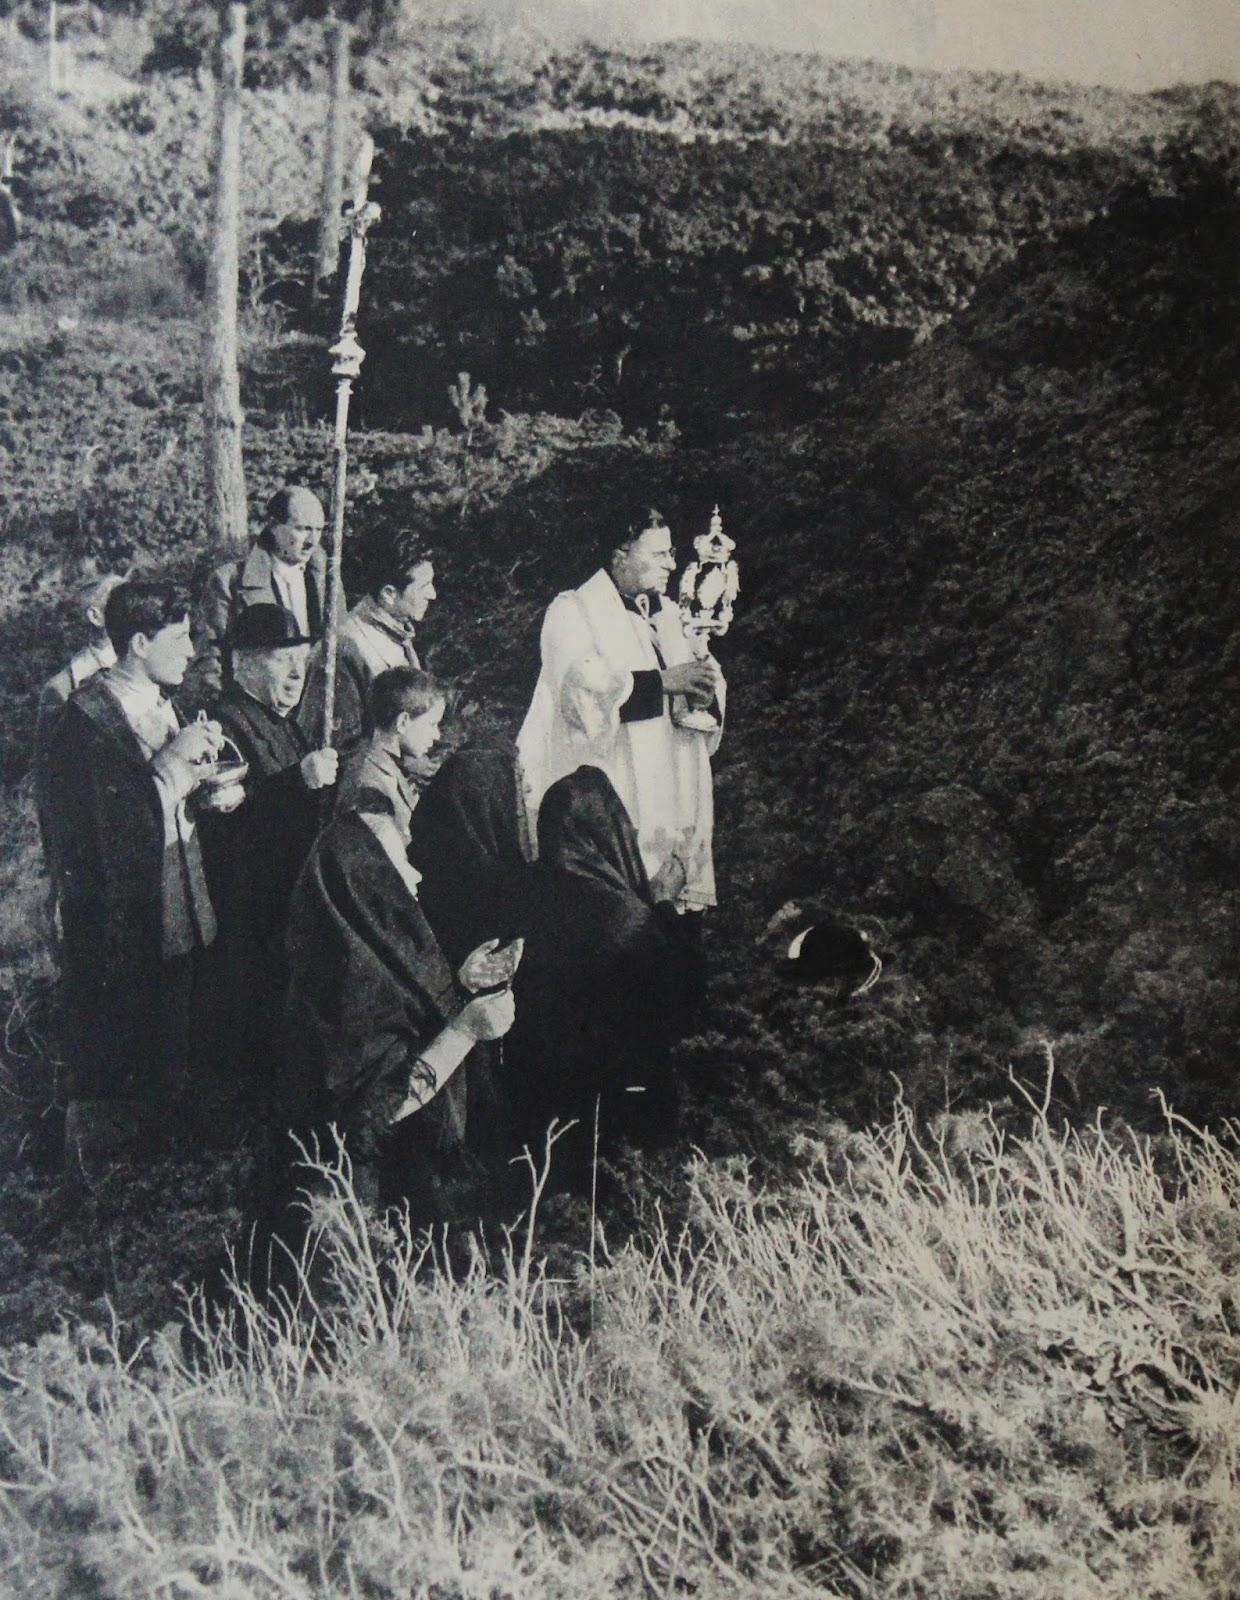 Bronte eruzione 1949 Don Longhitano